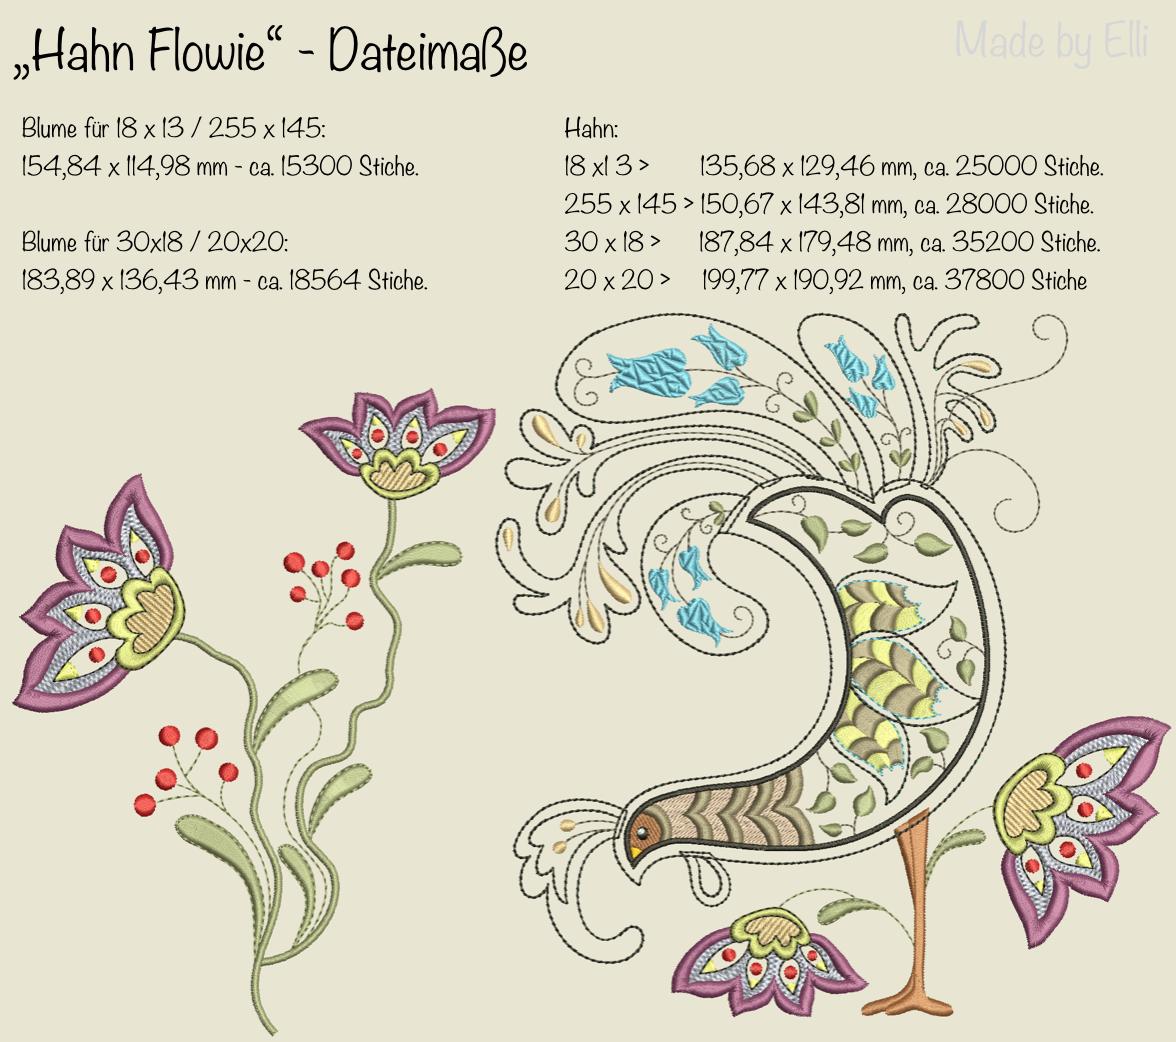 Dateimaße Hahn Flowie